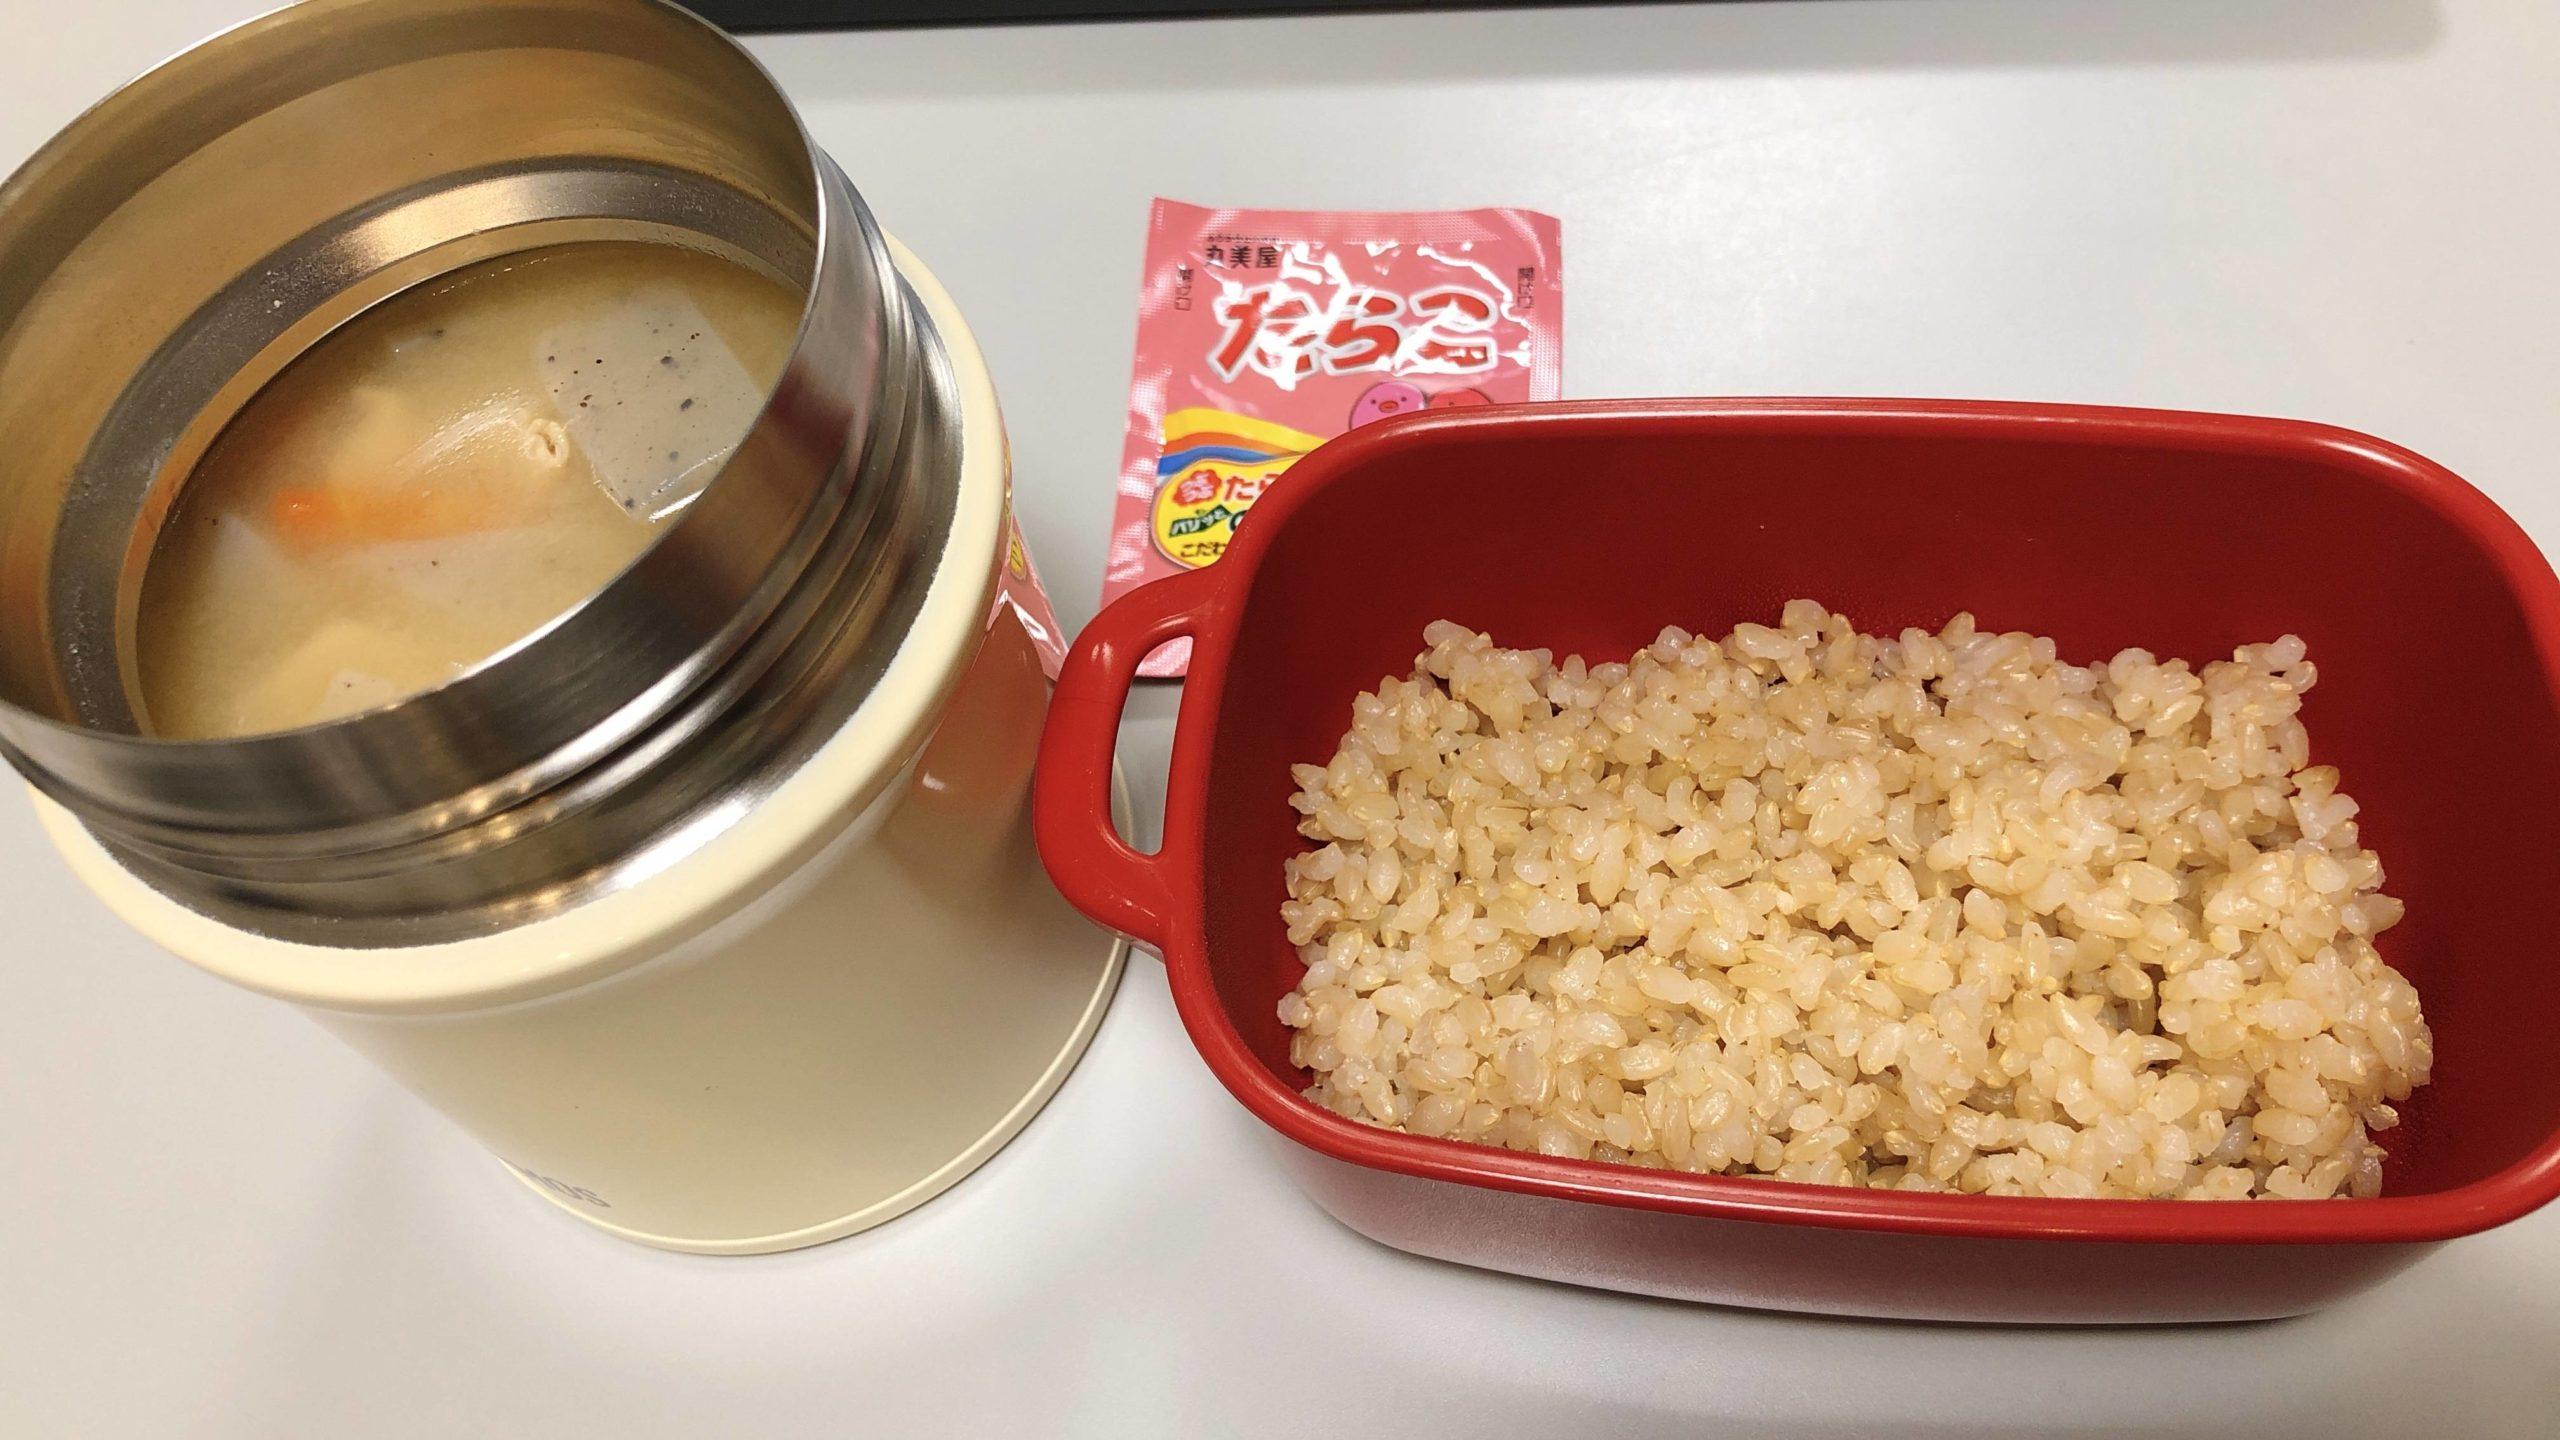 【画像】寒いから豚汁弁当作ってきた